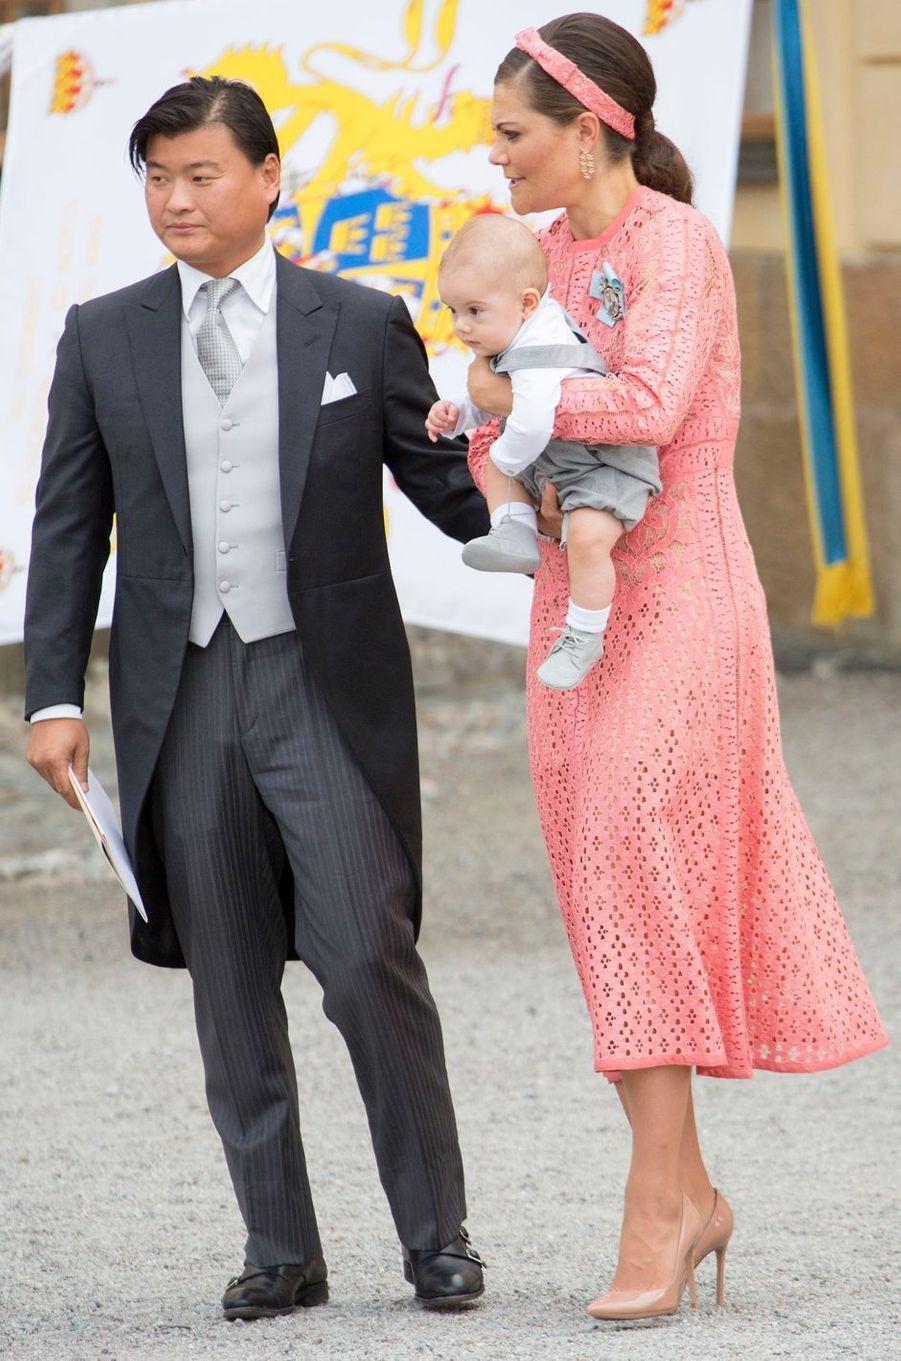 La princesse Victoria de Suède avec son fils le prince Oscar à Stockholm, le 9 septembre 2016